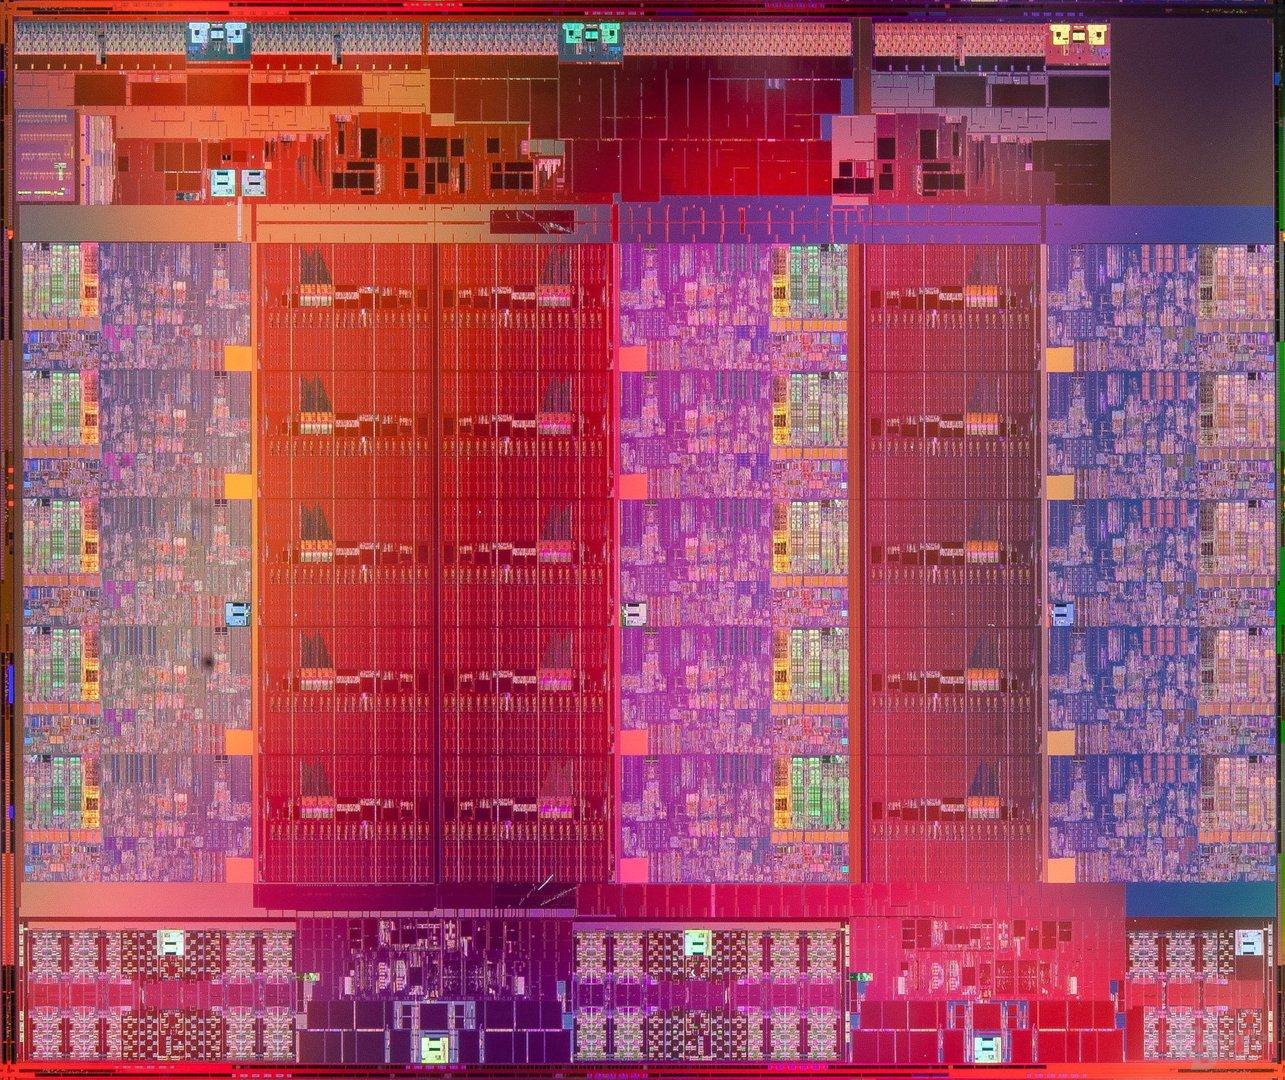 Intel Xeon E7 v2 – Die-Shot der Variante mit 15 Kernen